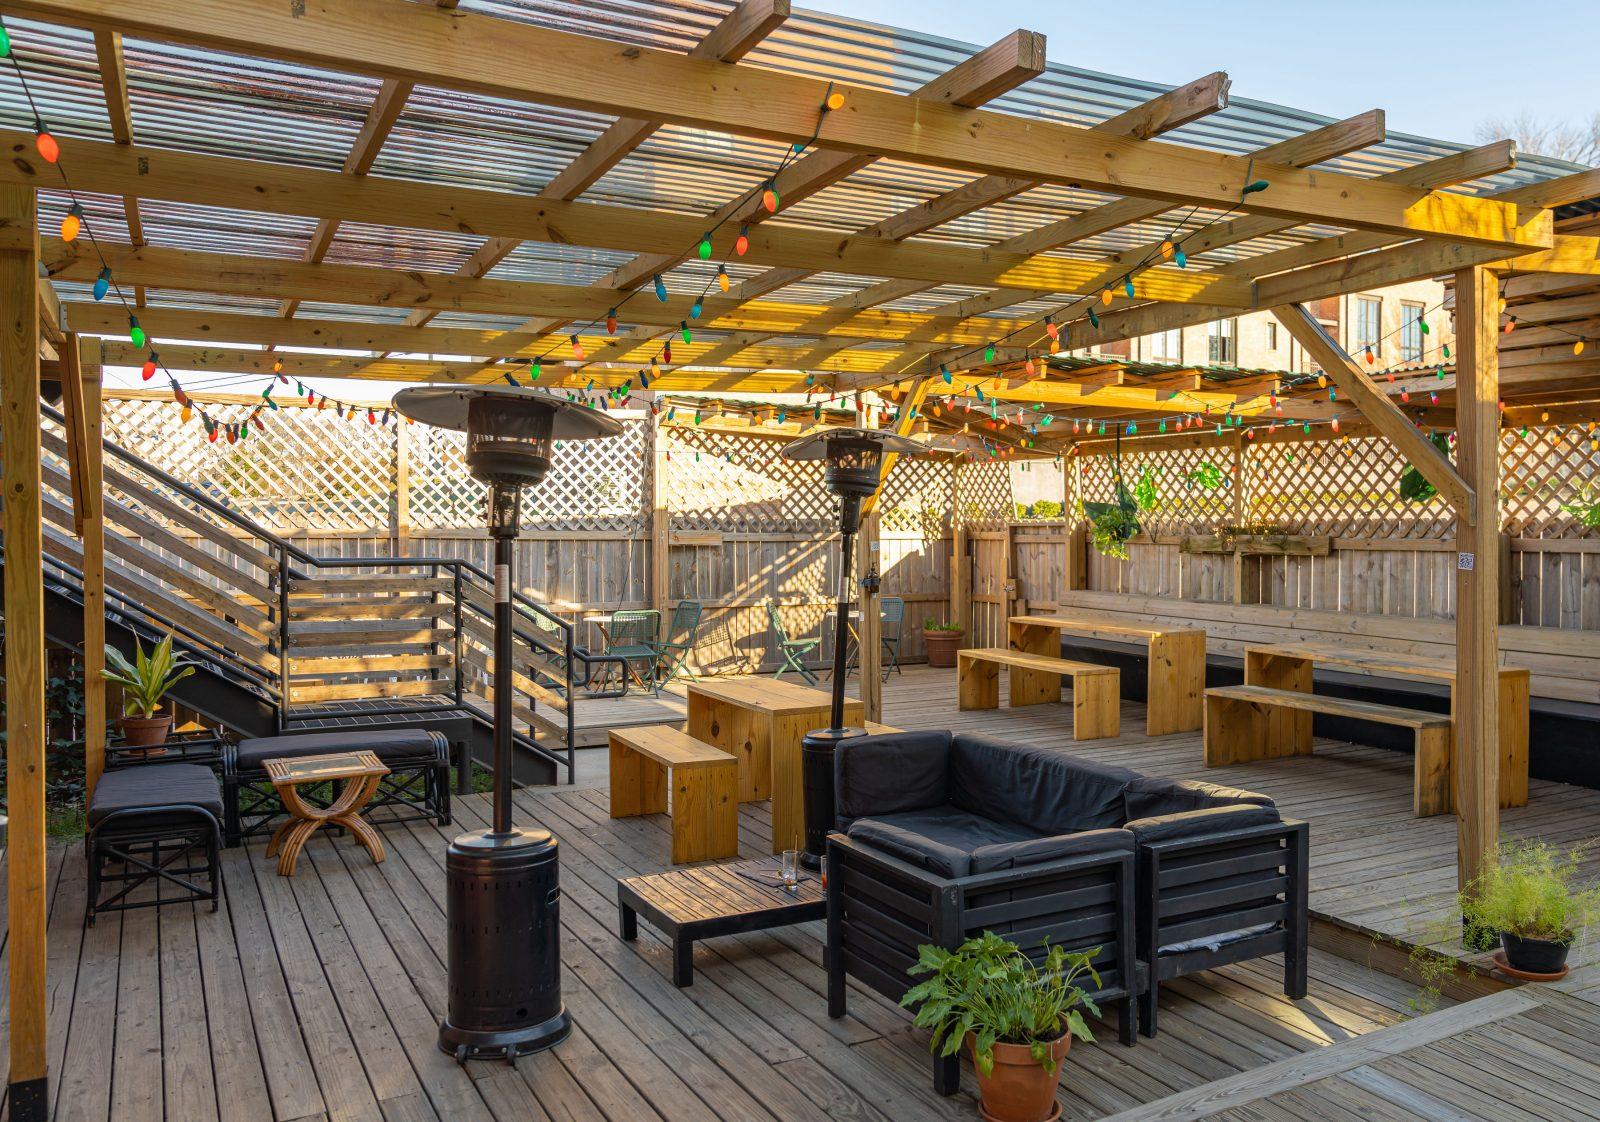 Jackalope Brewery rooftop lounge